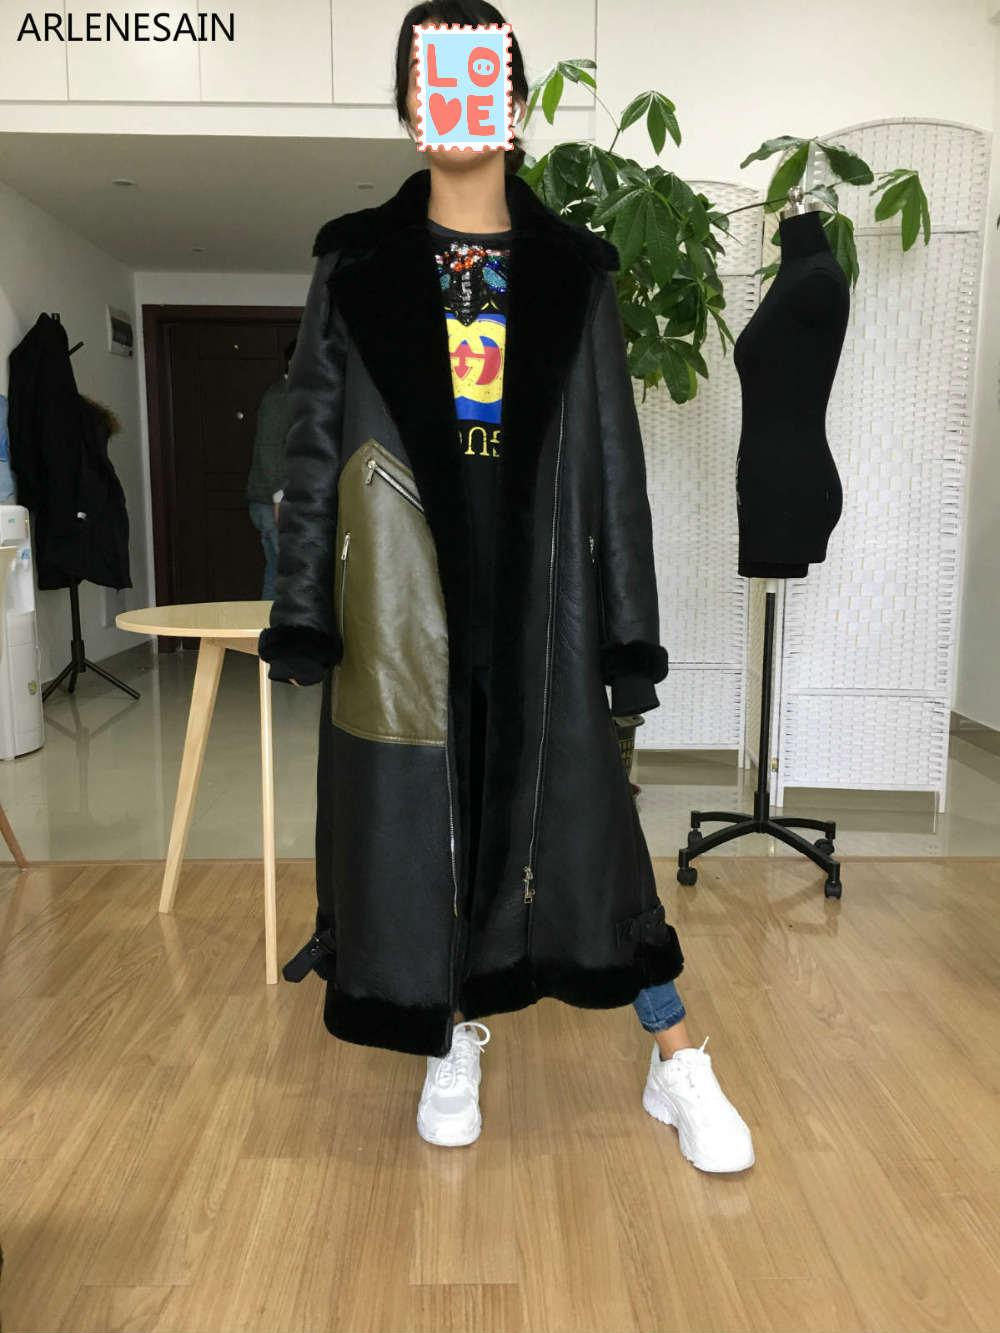 Arlene Sain su ordinazione delle donne Merino pecora tosata pelliccia di lana un davvero lungo locomotiva cappotto femminile cappotto di pelliccia di trasporto libero 019